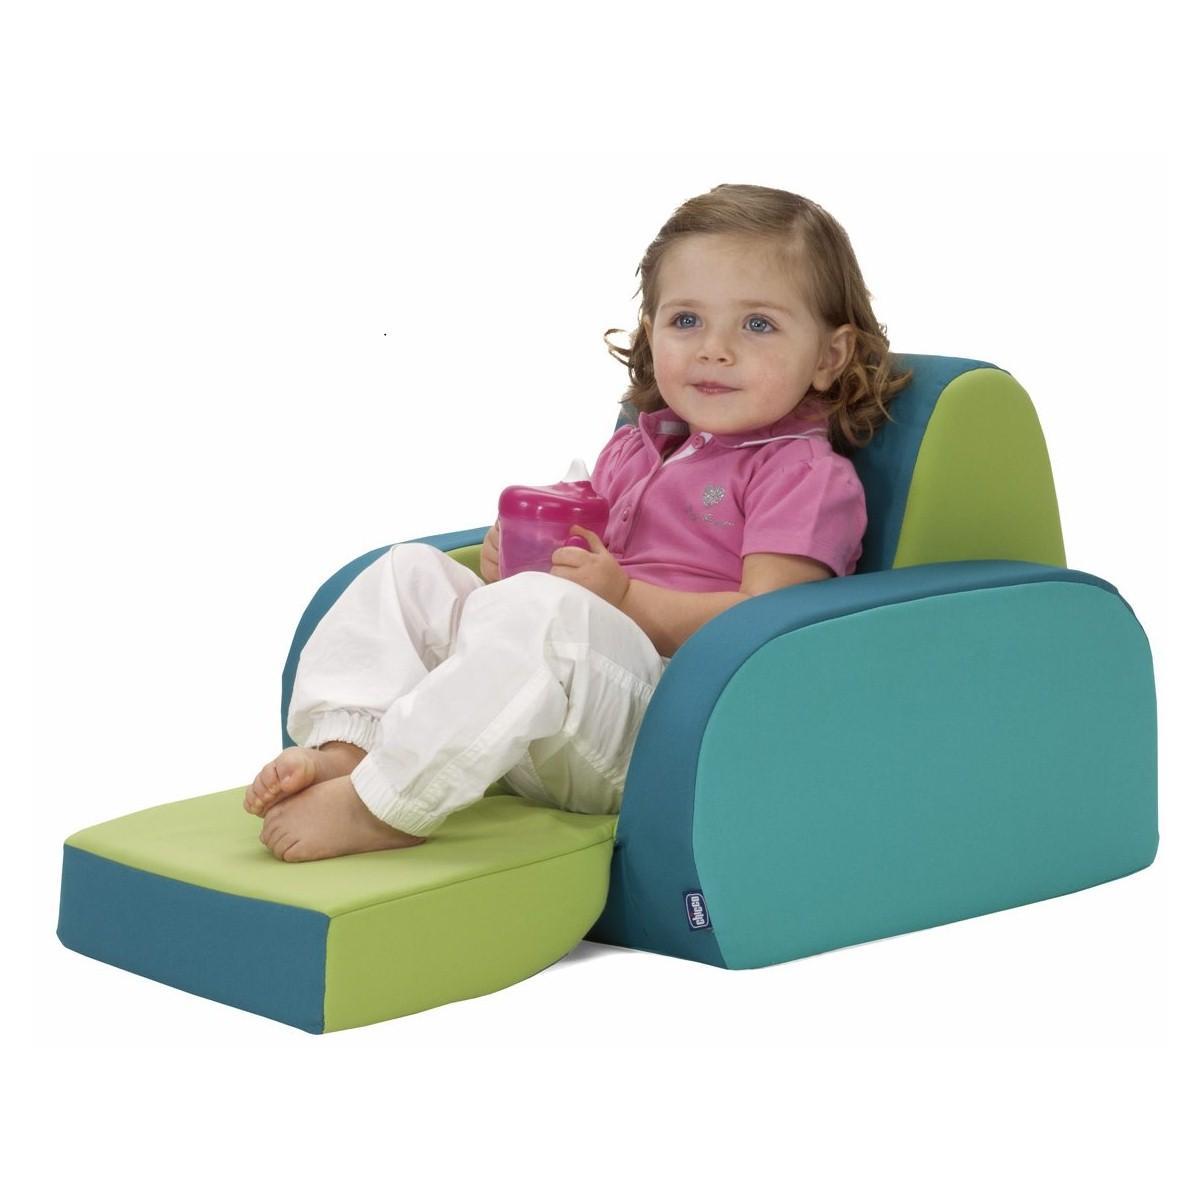 Fauteuil chambre petite fille for Petit fauteuil pour chambre